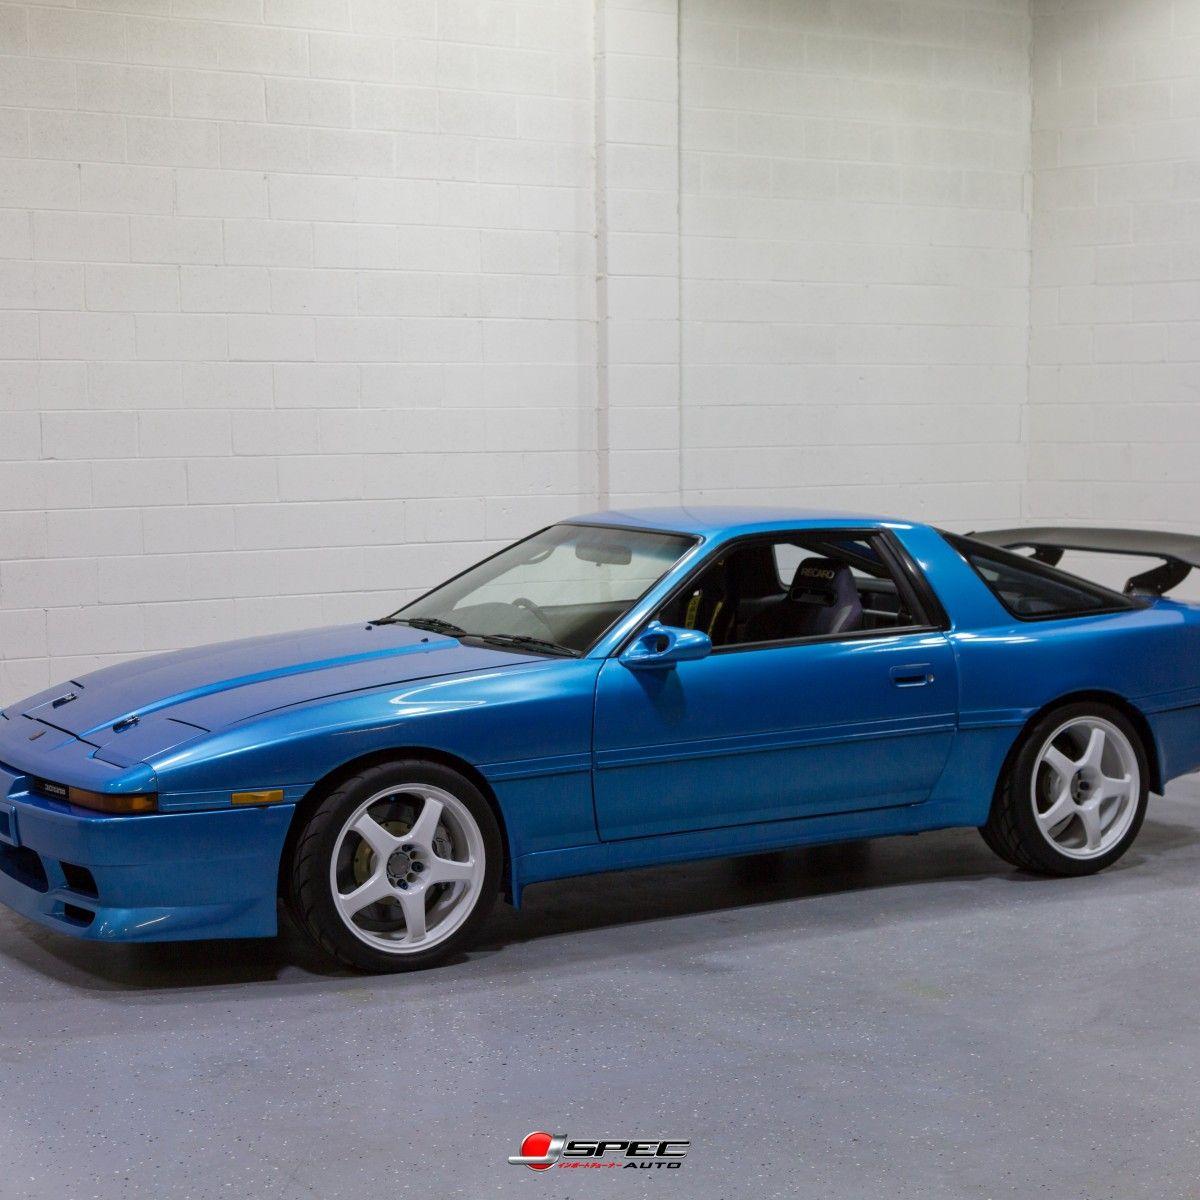 Unique Jdm Cars For Sale Near Me